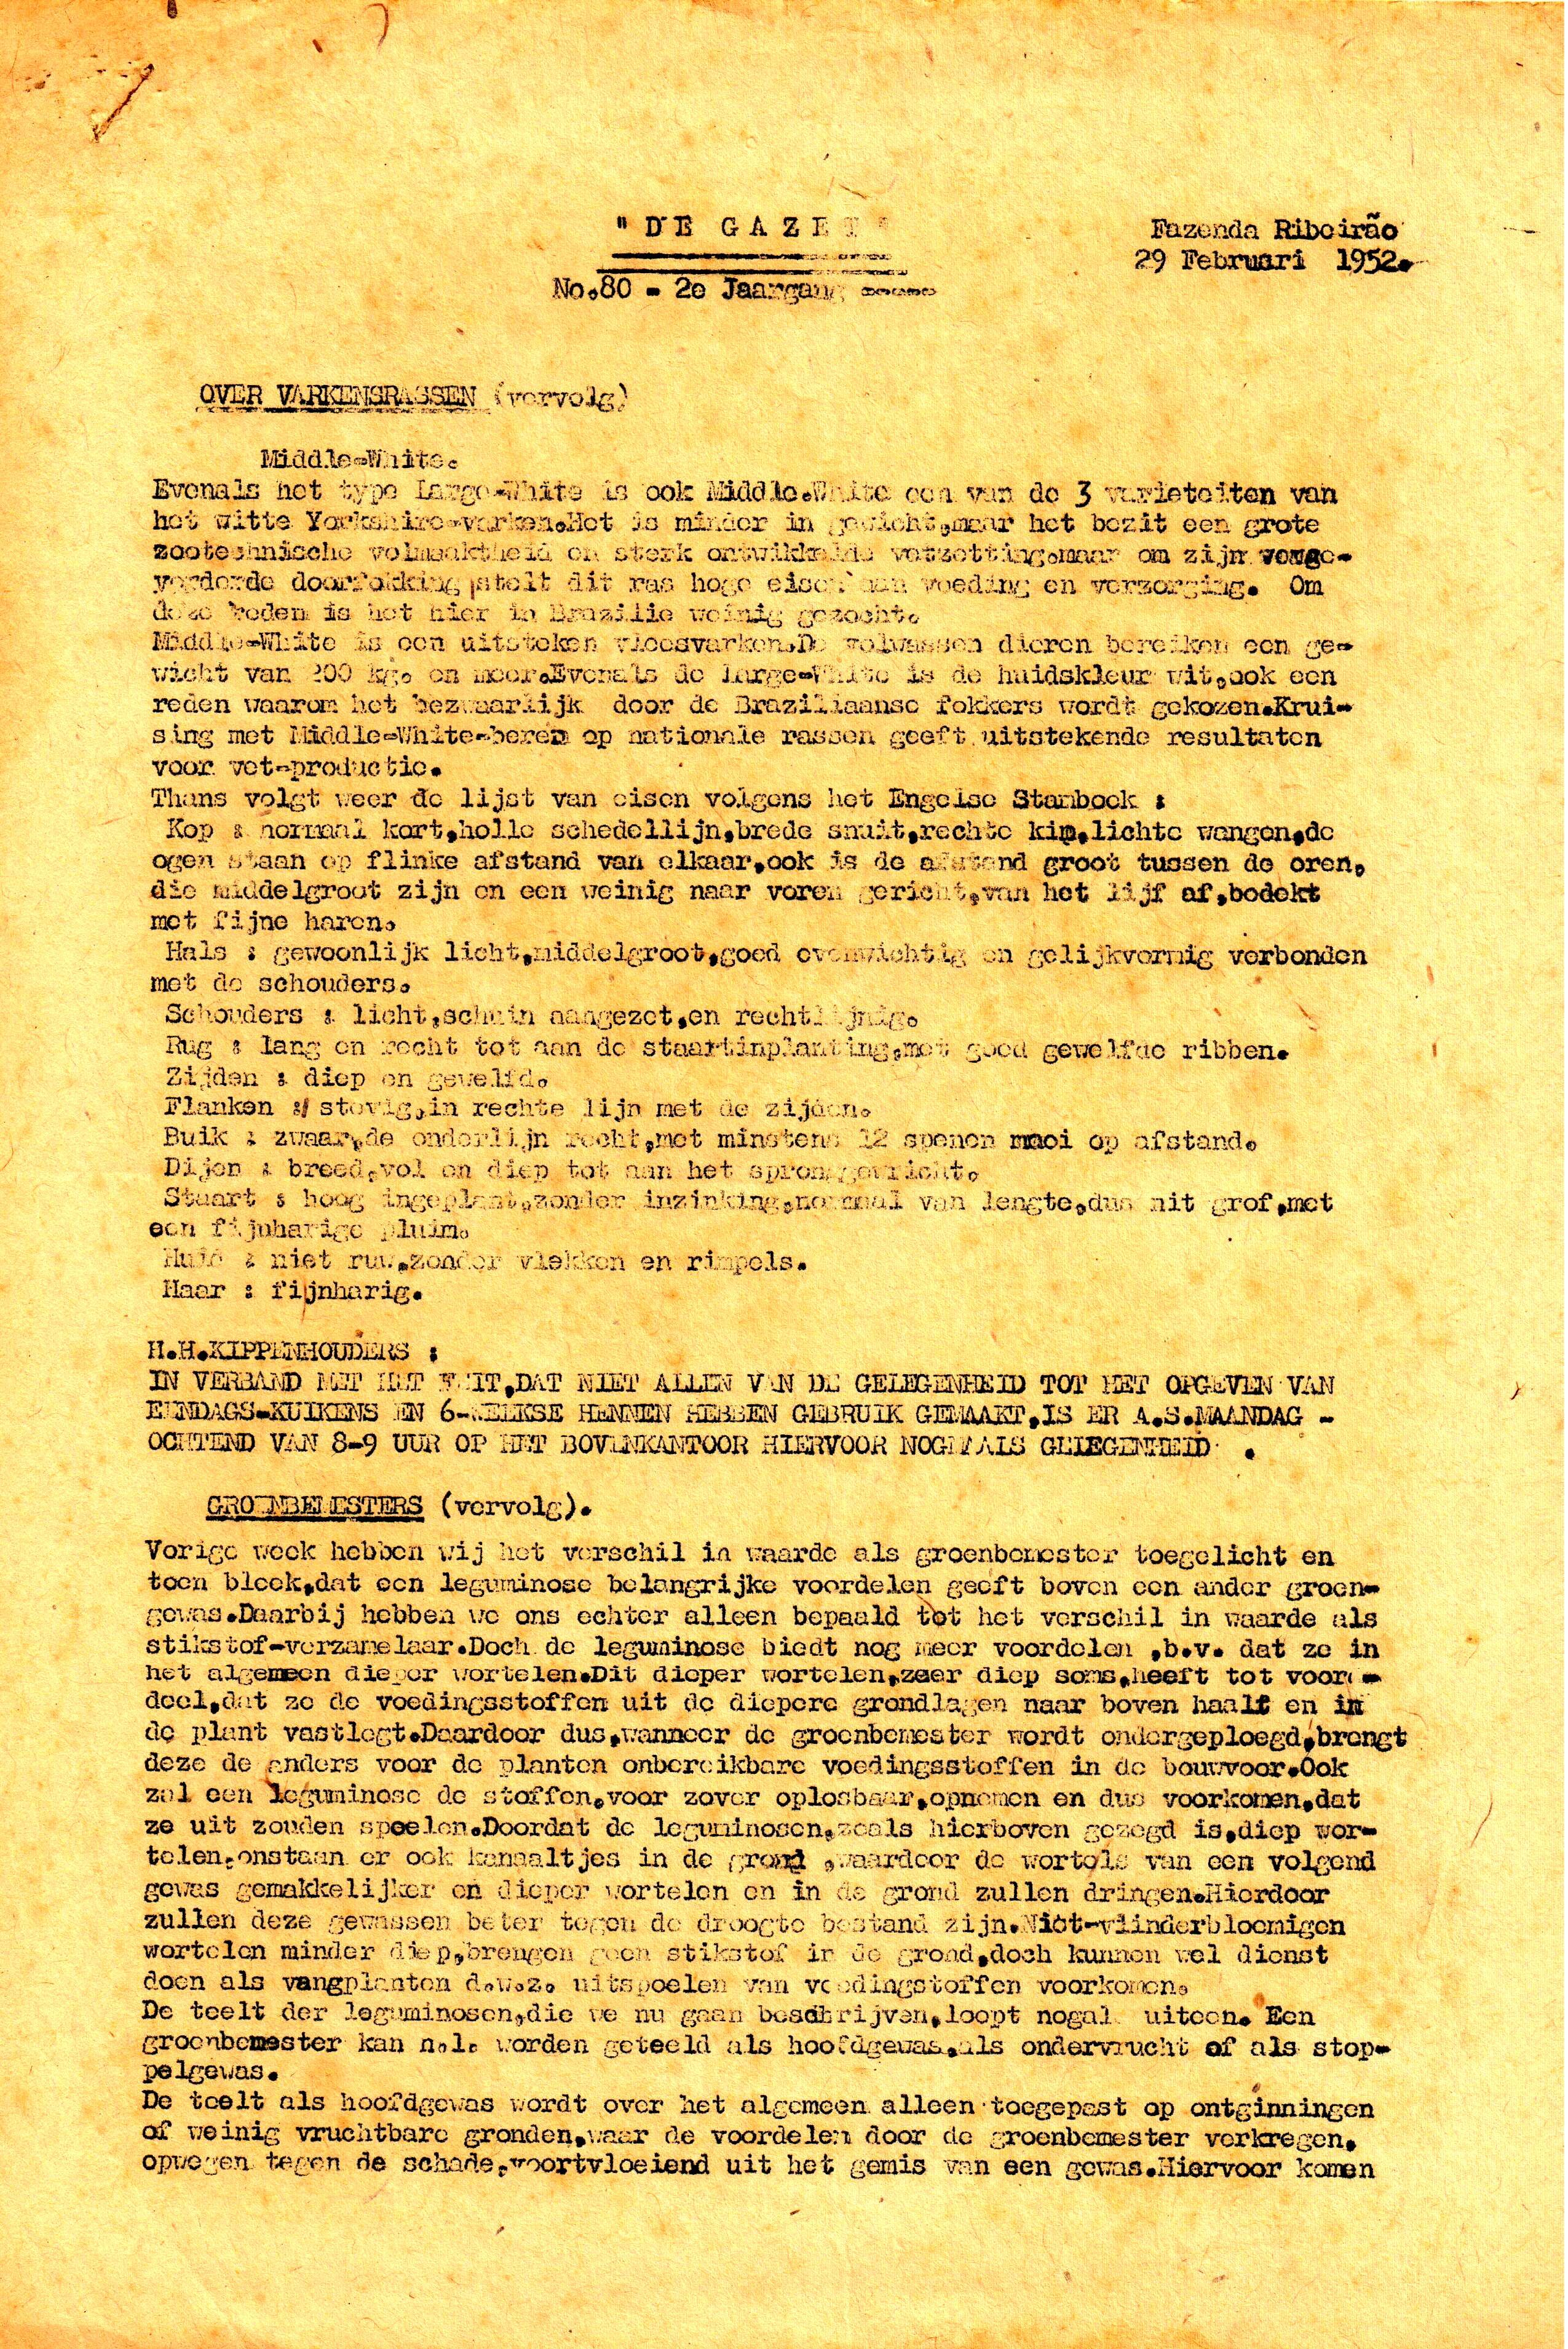 DE GAZET N°80 - 2e JRG